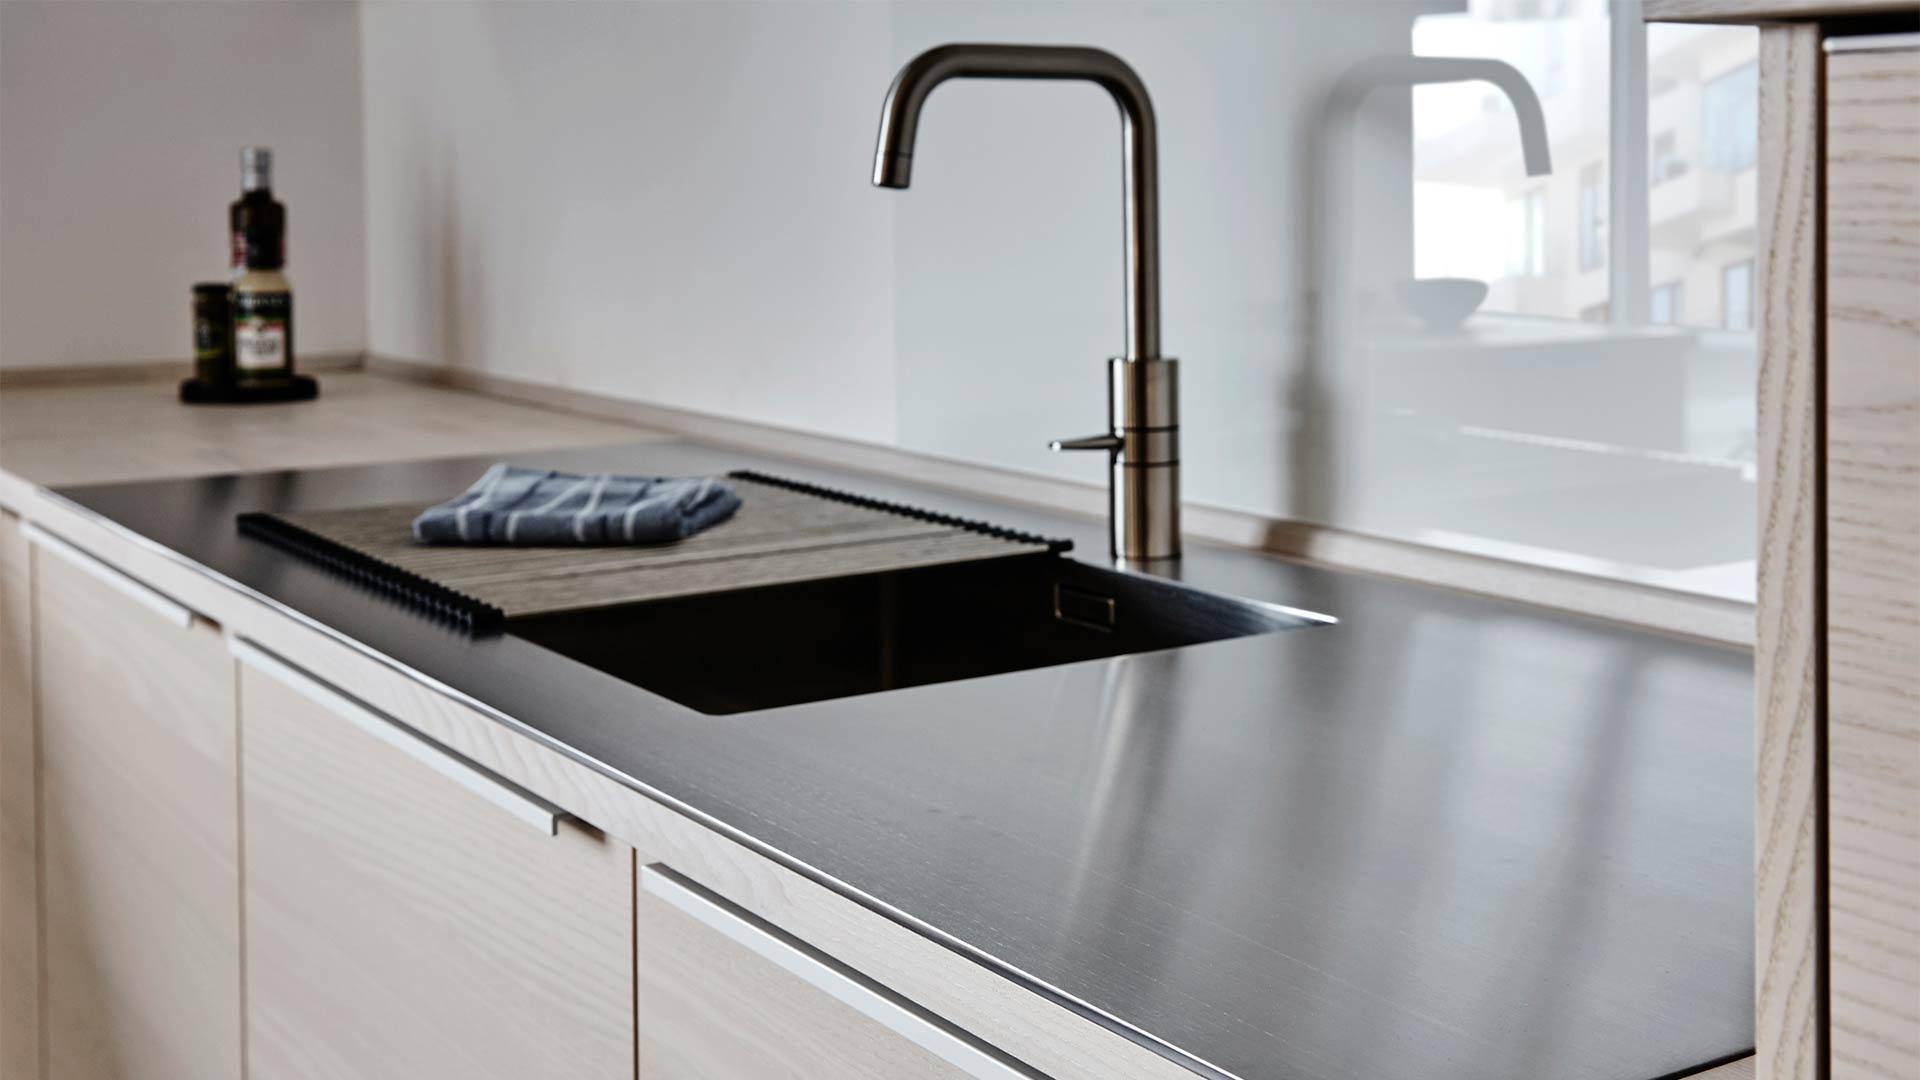 Storslåede Udvalget af vaske til køkken og bad | Tvis Køkkener ET94